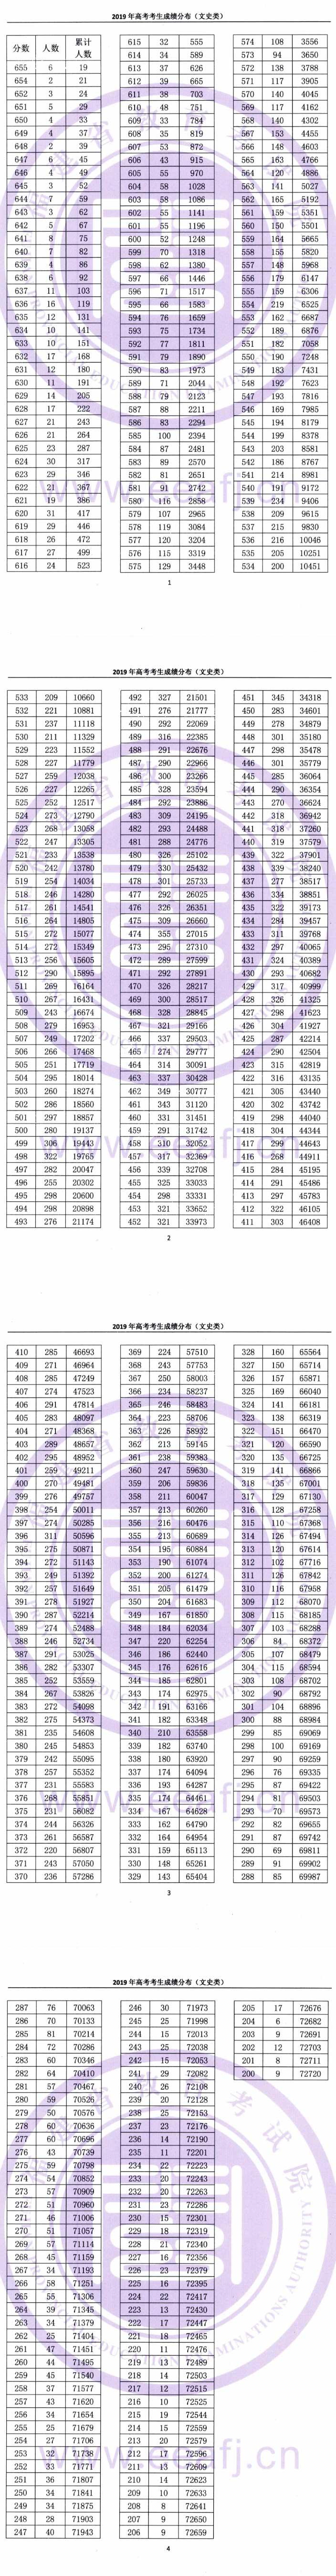 2019年福建高考文科一分一段表及成绩排名表公布